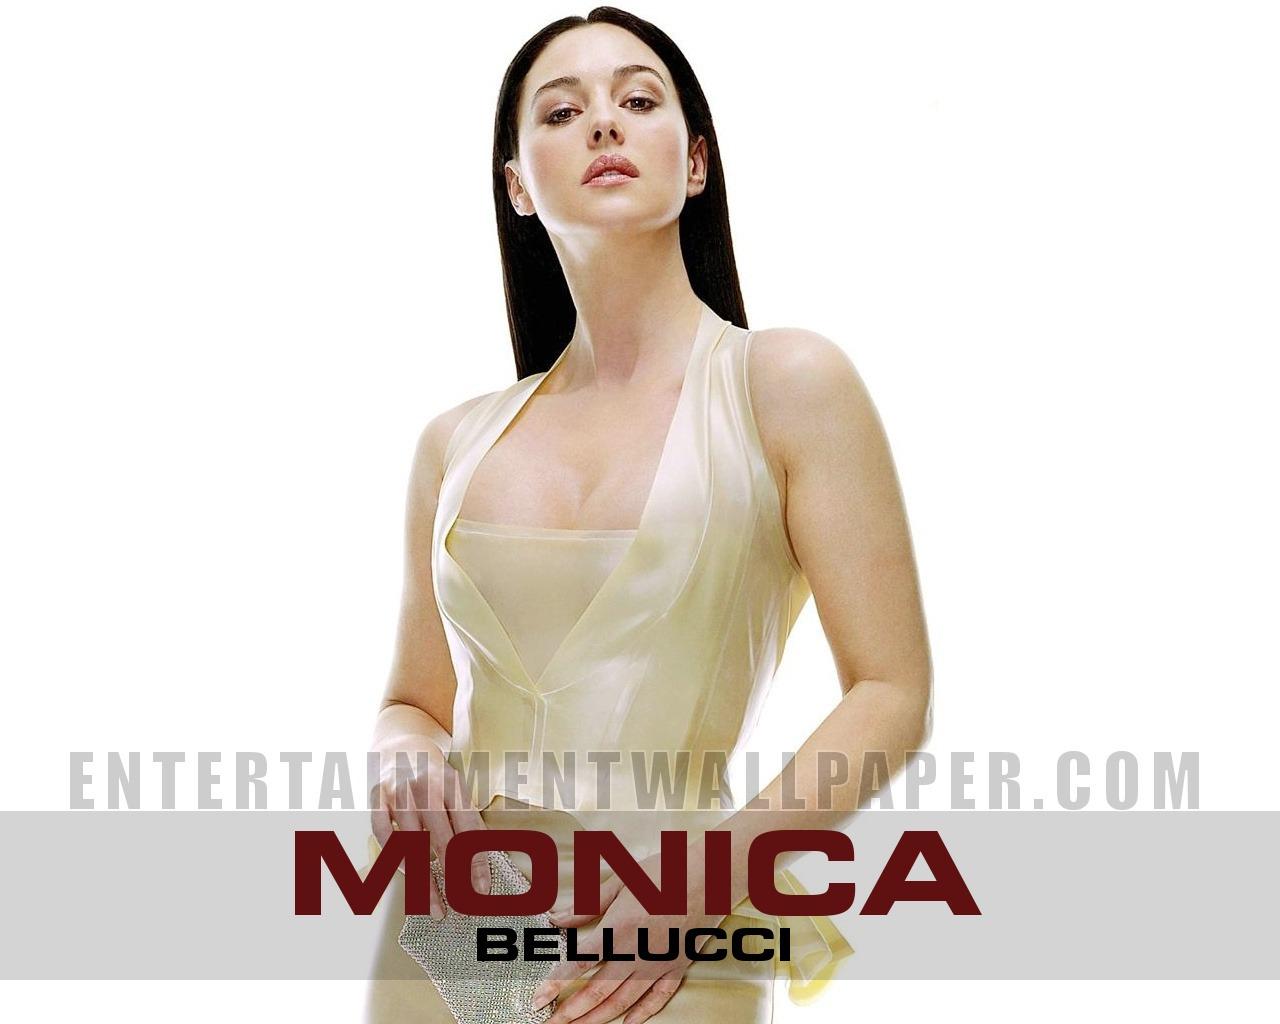 モニカベルッチの壁紙 #7 - 1280x1024 壁紙ダウンロード - モニカベルッチの壁紙 - 人 壁紙 - V3の壁紙 Monica Bellucci